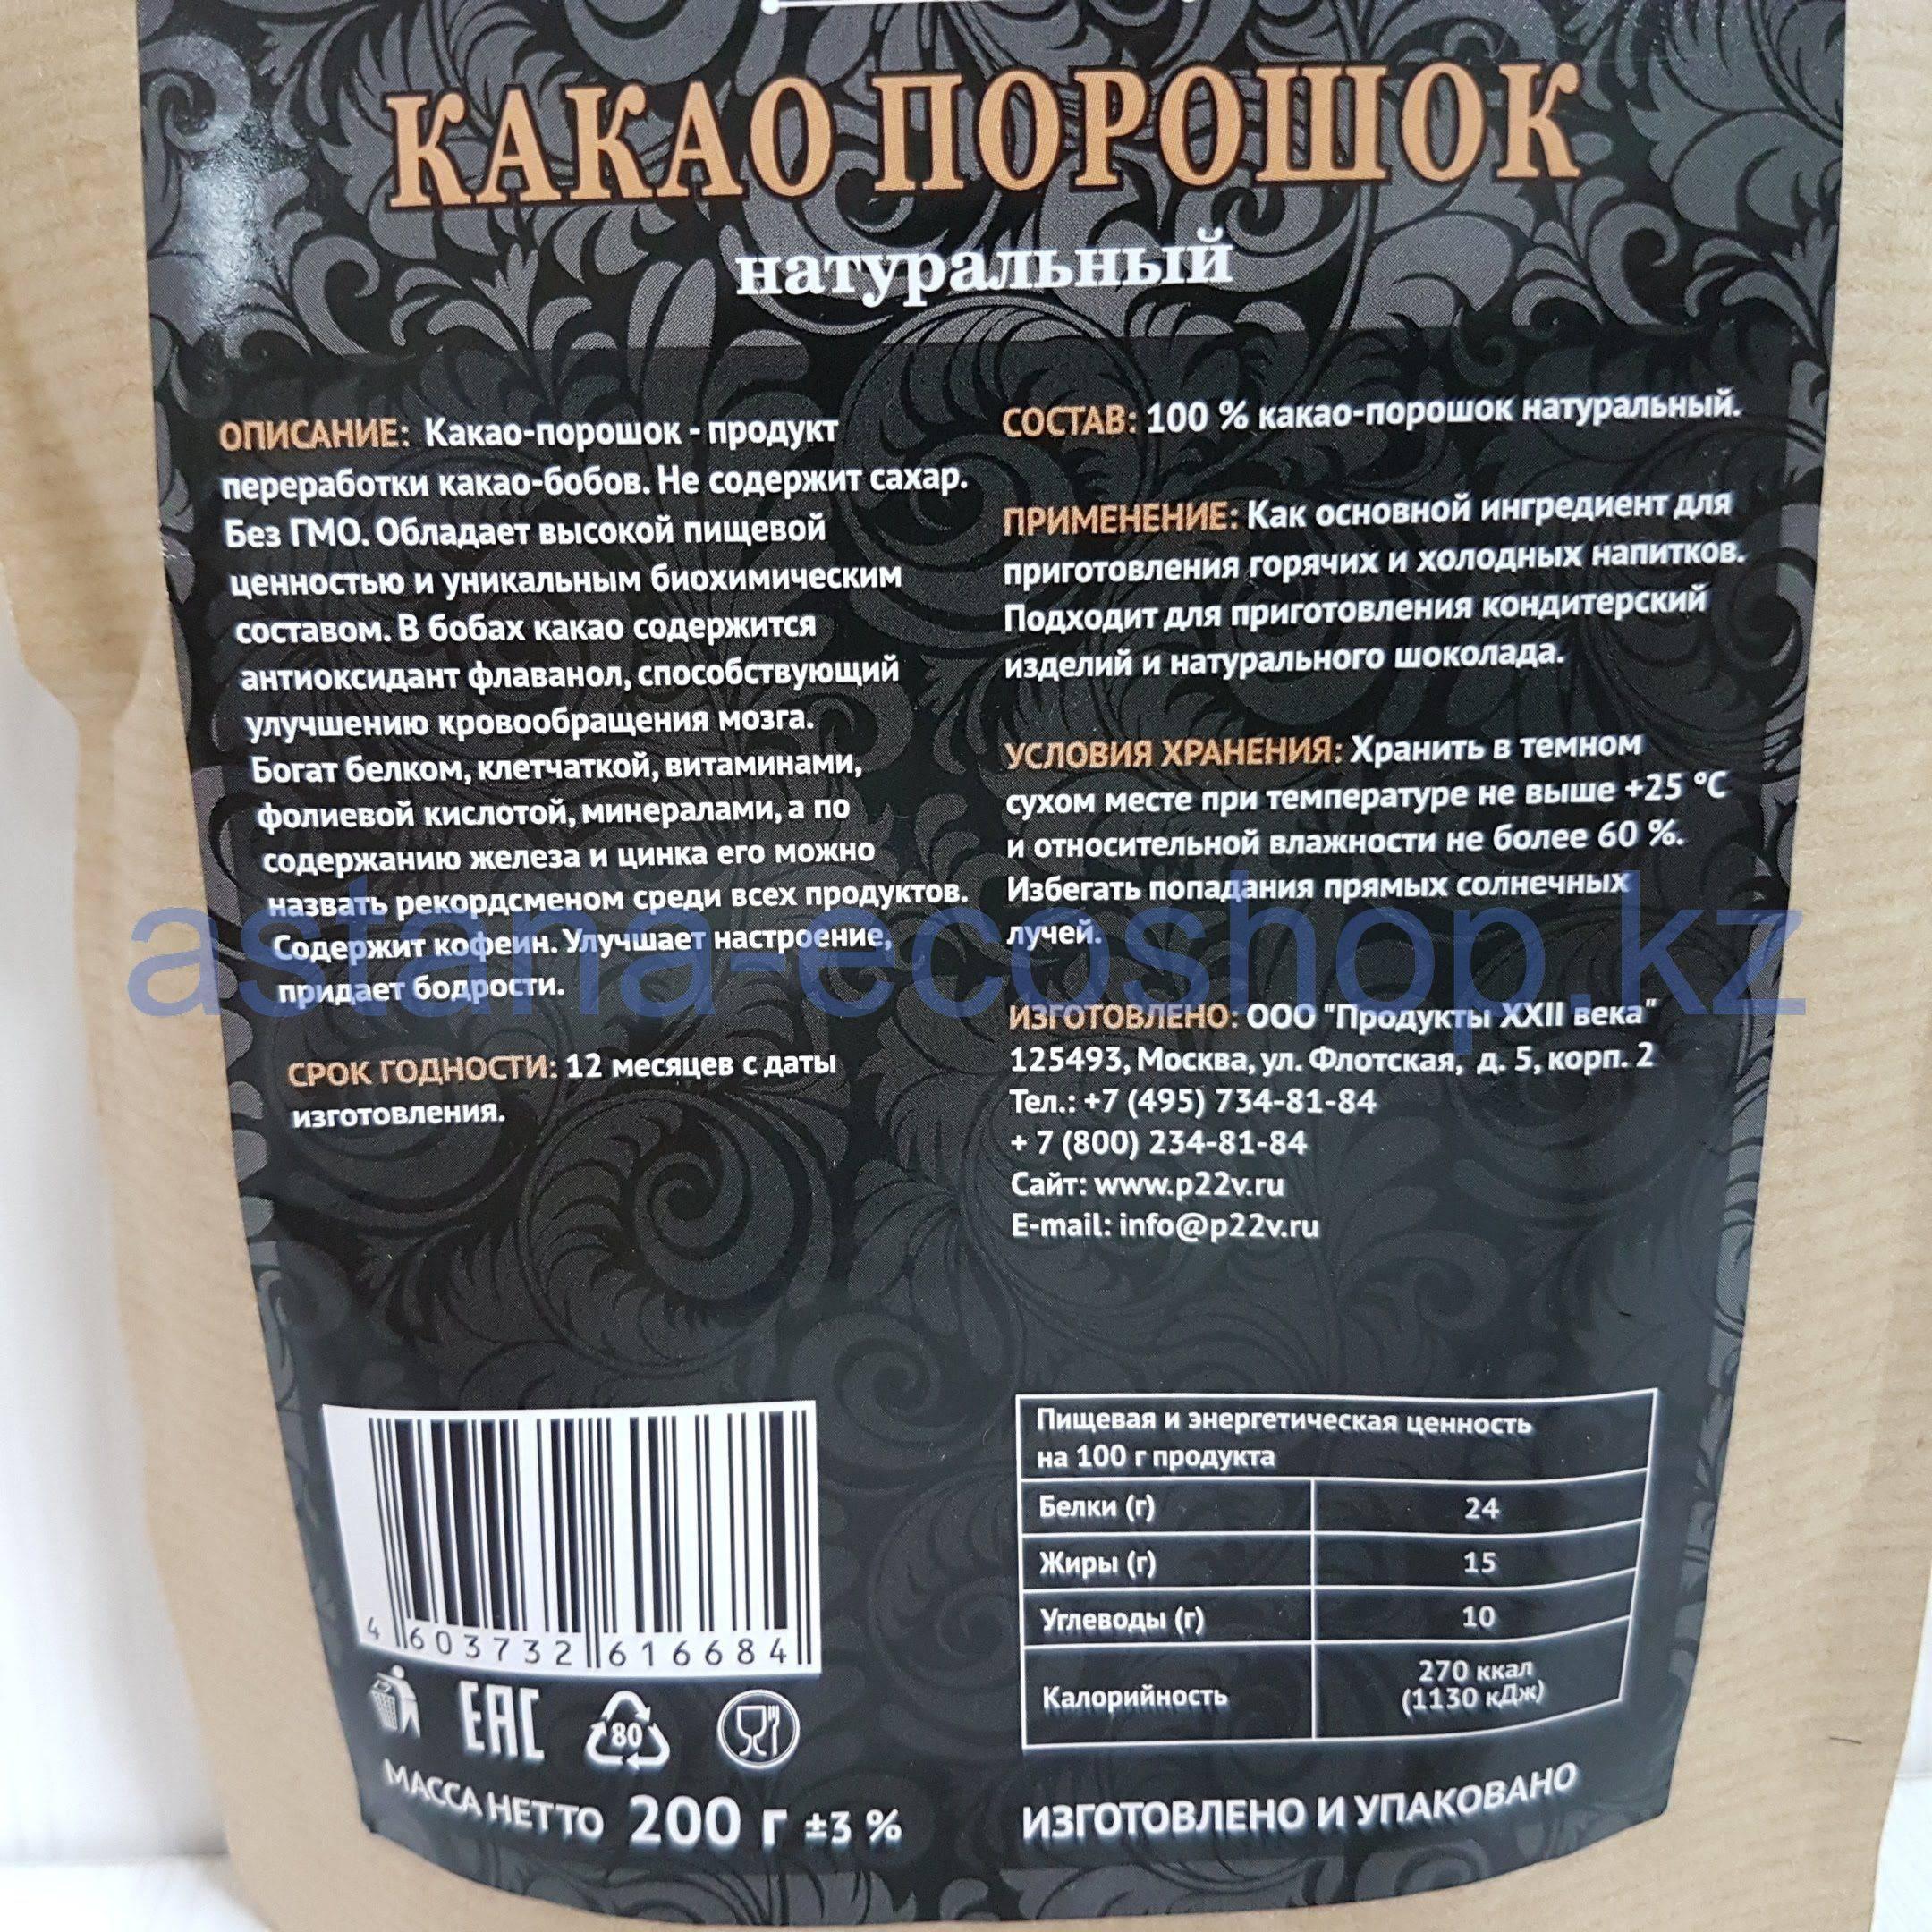 Какао: калорийность с разными составляющими, химический состав и пищевая ценность, диетические свойства